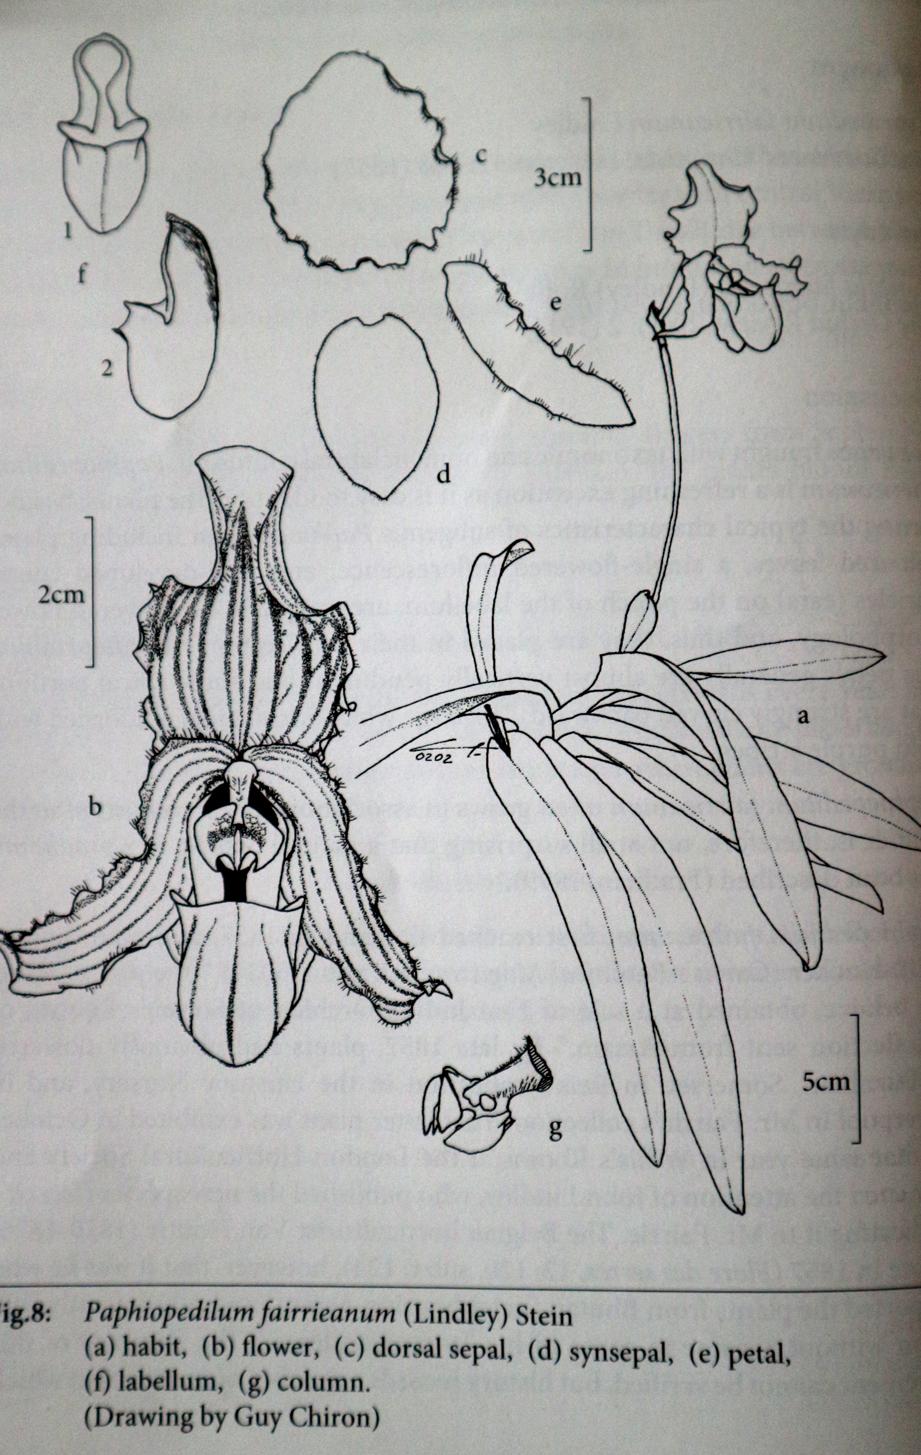 P. fairri